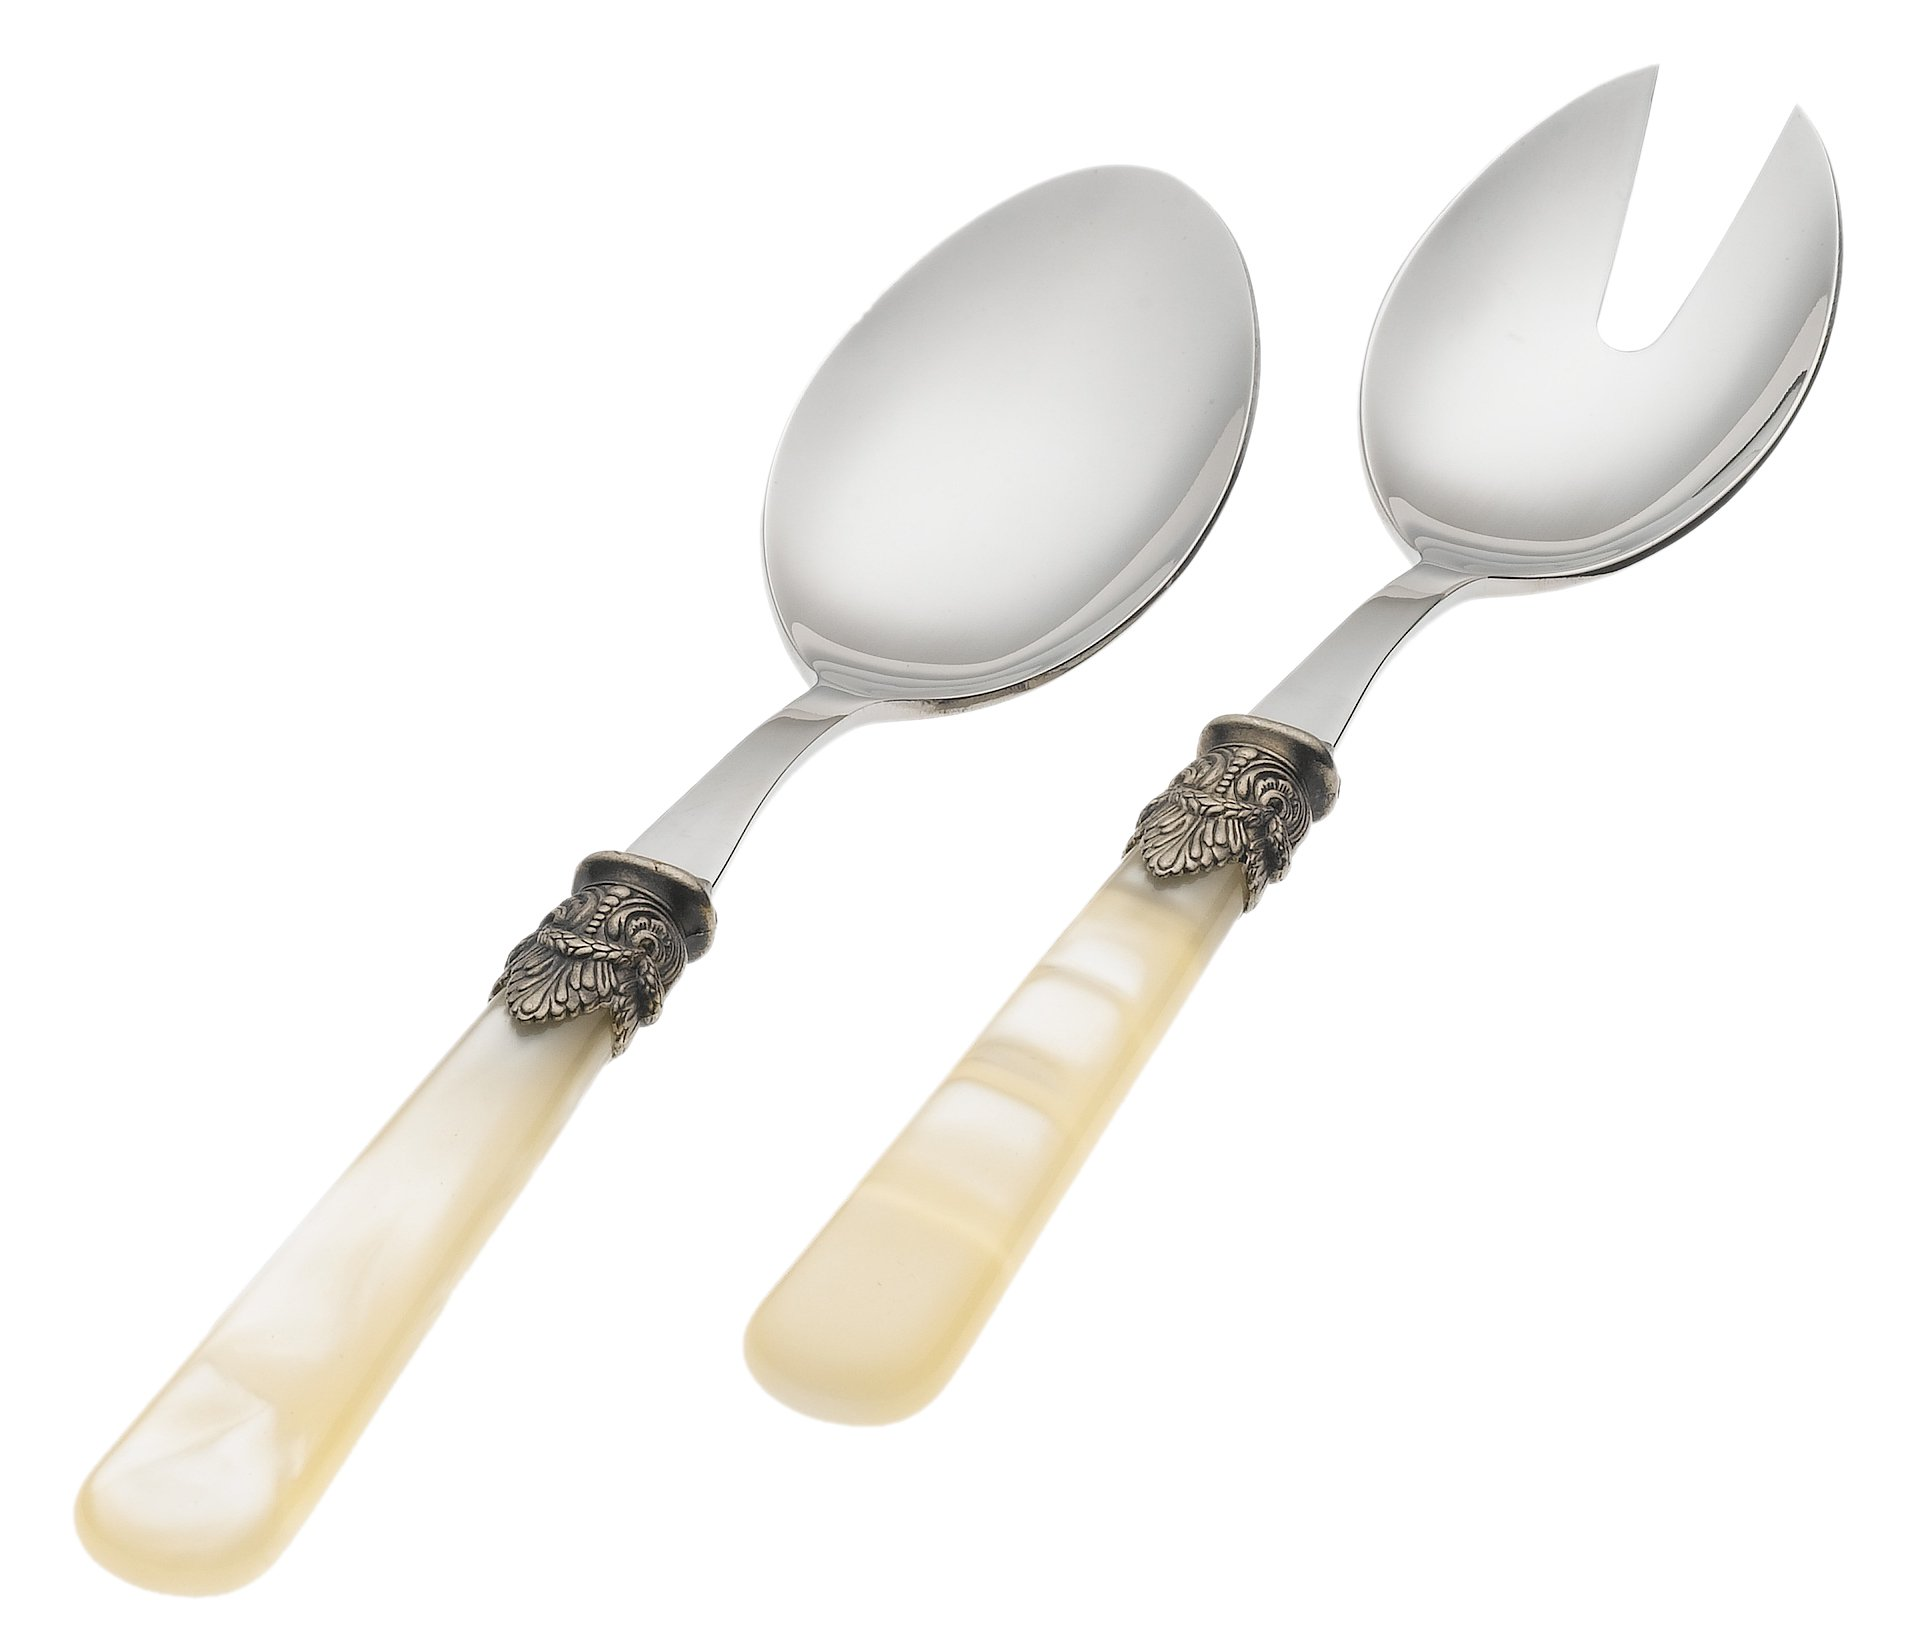 Rosanna Pearlized Ivory Napoleon 2-Piece Salad Tong Set by Rosanna